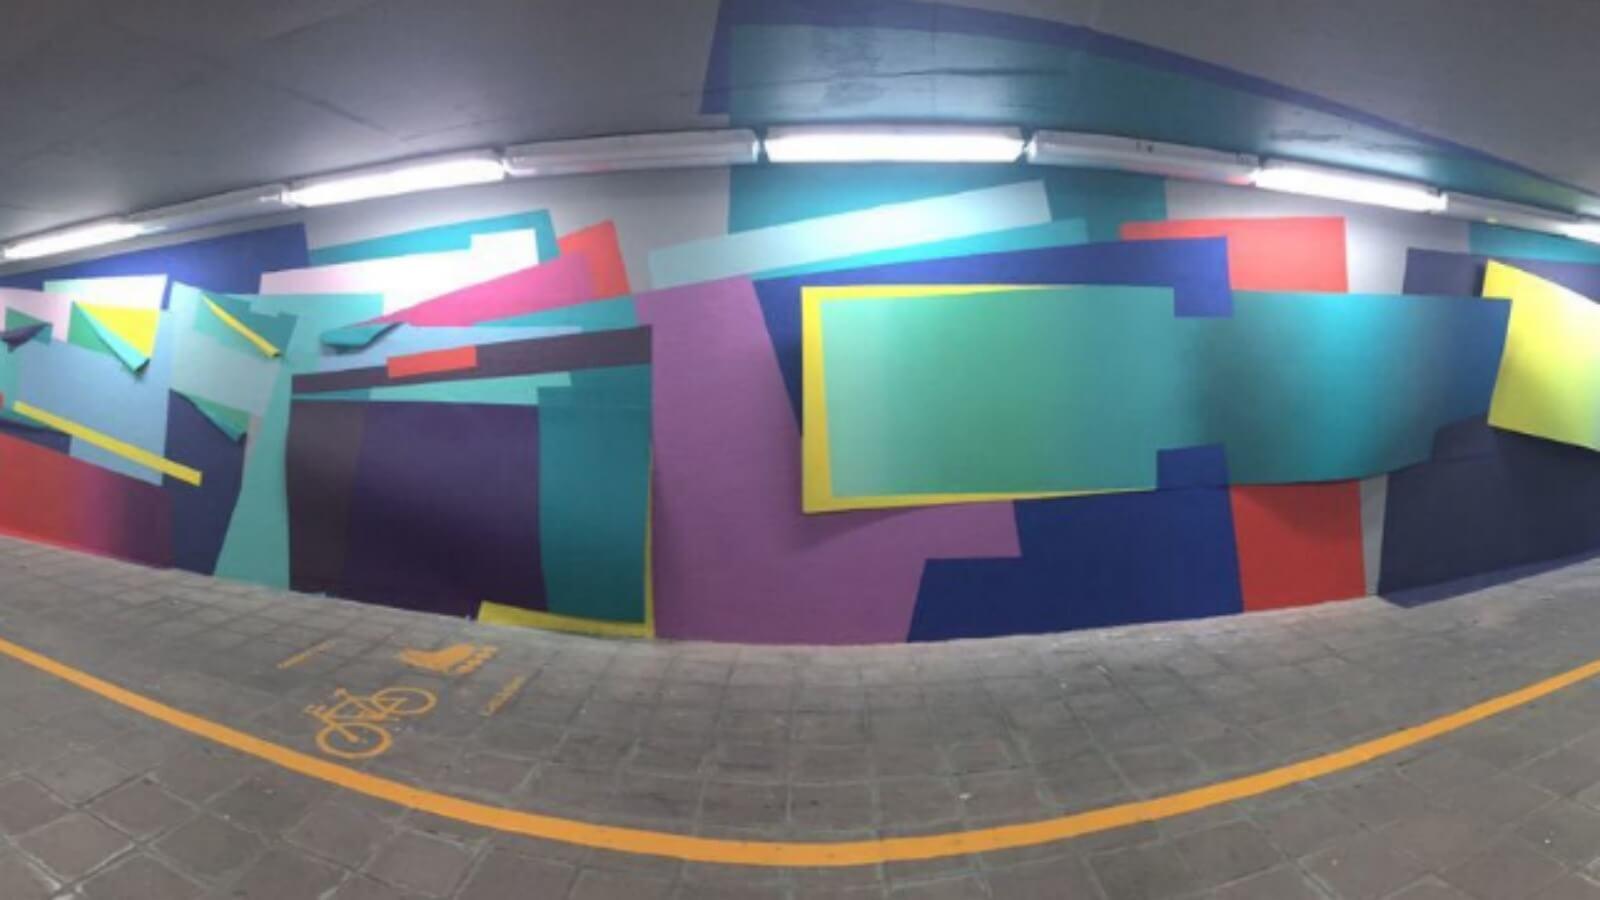 Nuria Mora realiza instalación en mural del Tec de Monterrey